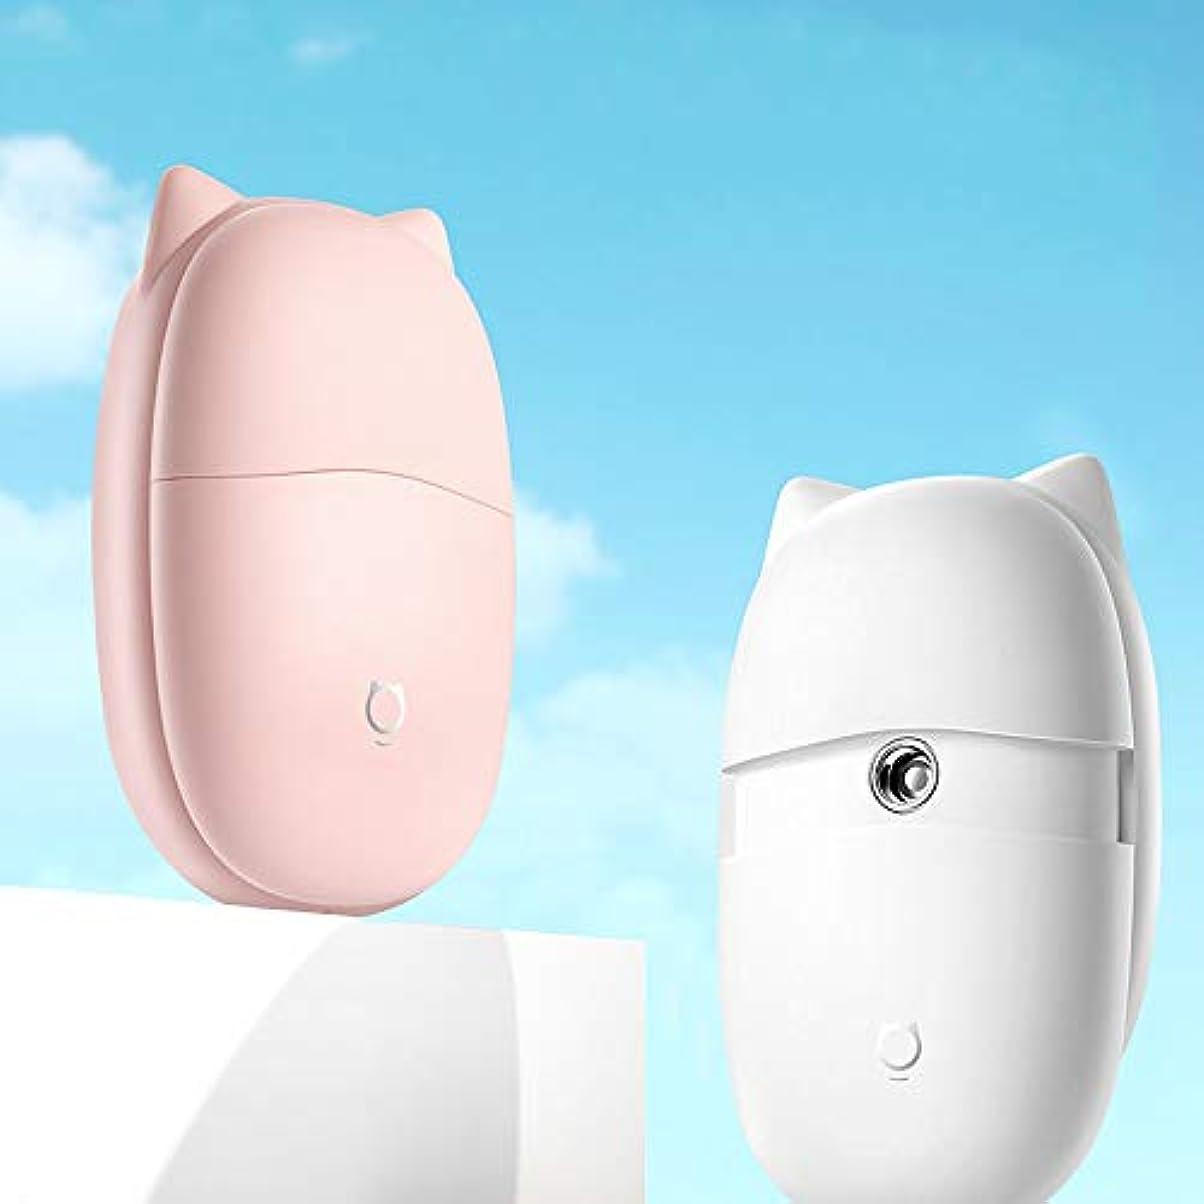 日付疑いさせるZXF 新しいミニハンドヘルドポータブルナノスプレースチームフェイスフェイシャル美容加湿器スプレーウサギ猫水道メーター美容機器ホワイトピンク 滑らかである (色 : Pink)